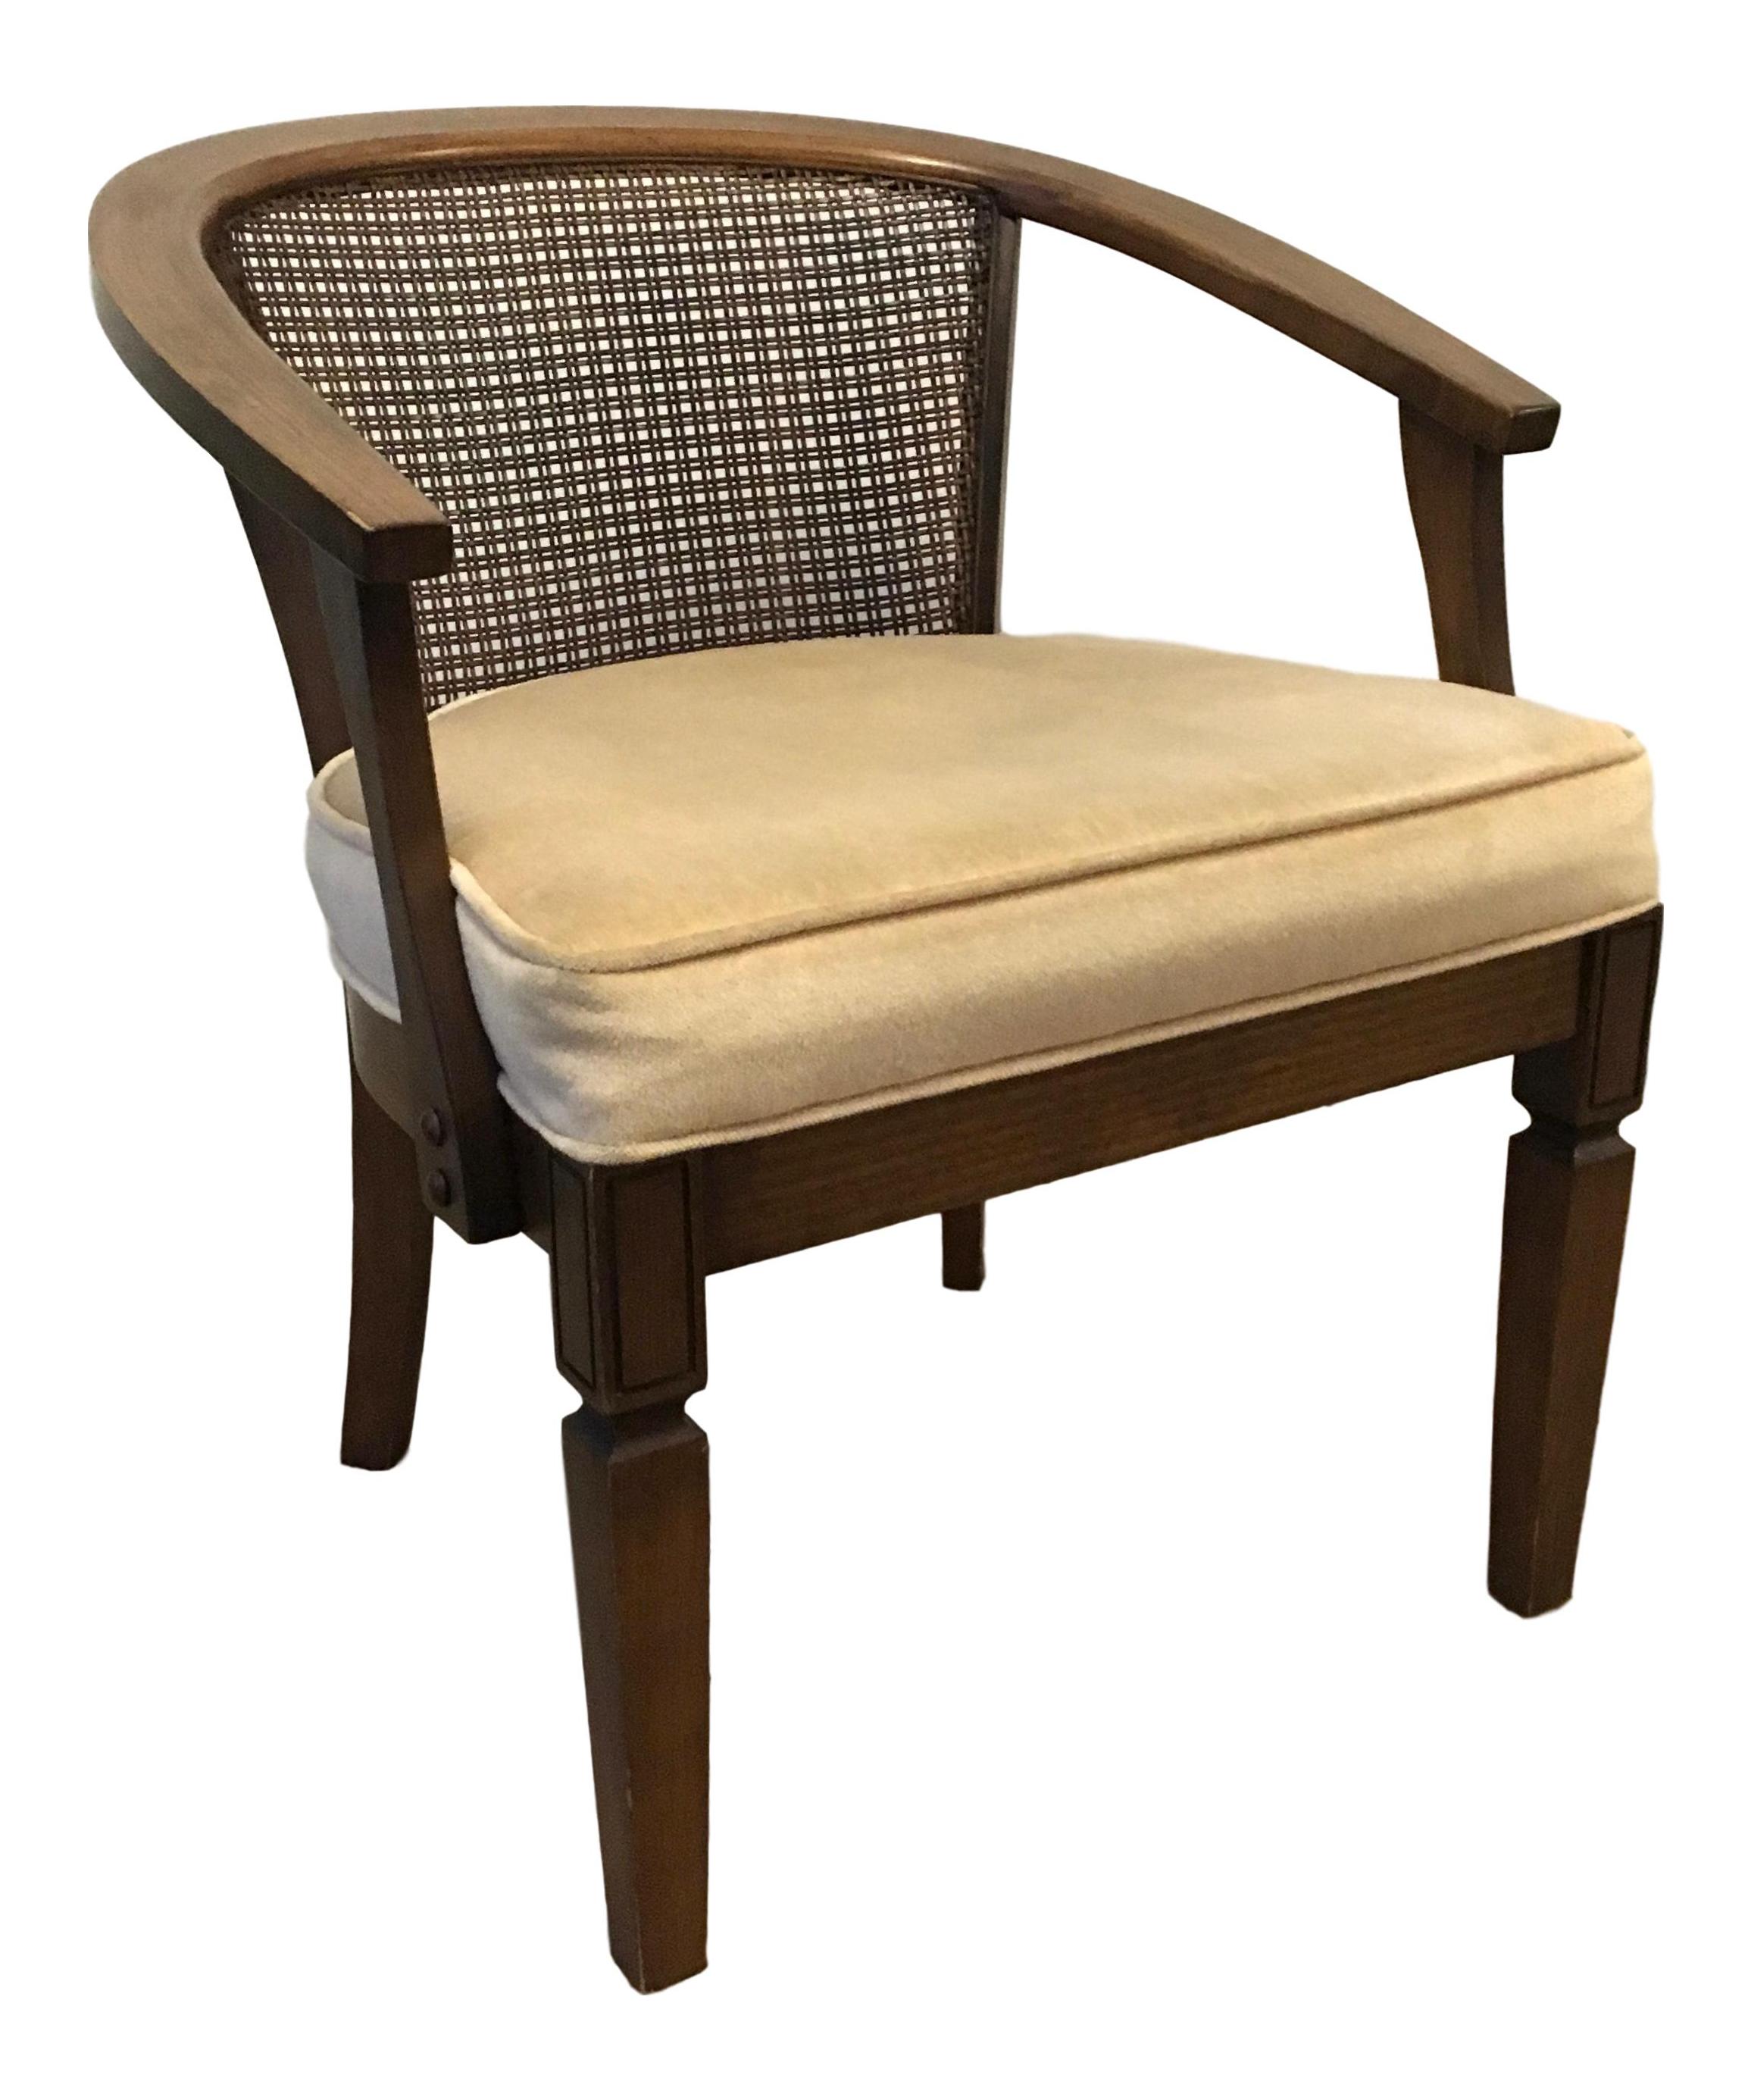 1970u0027s Cane Back Barrel Club Chair   Image 1 ...